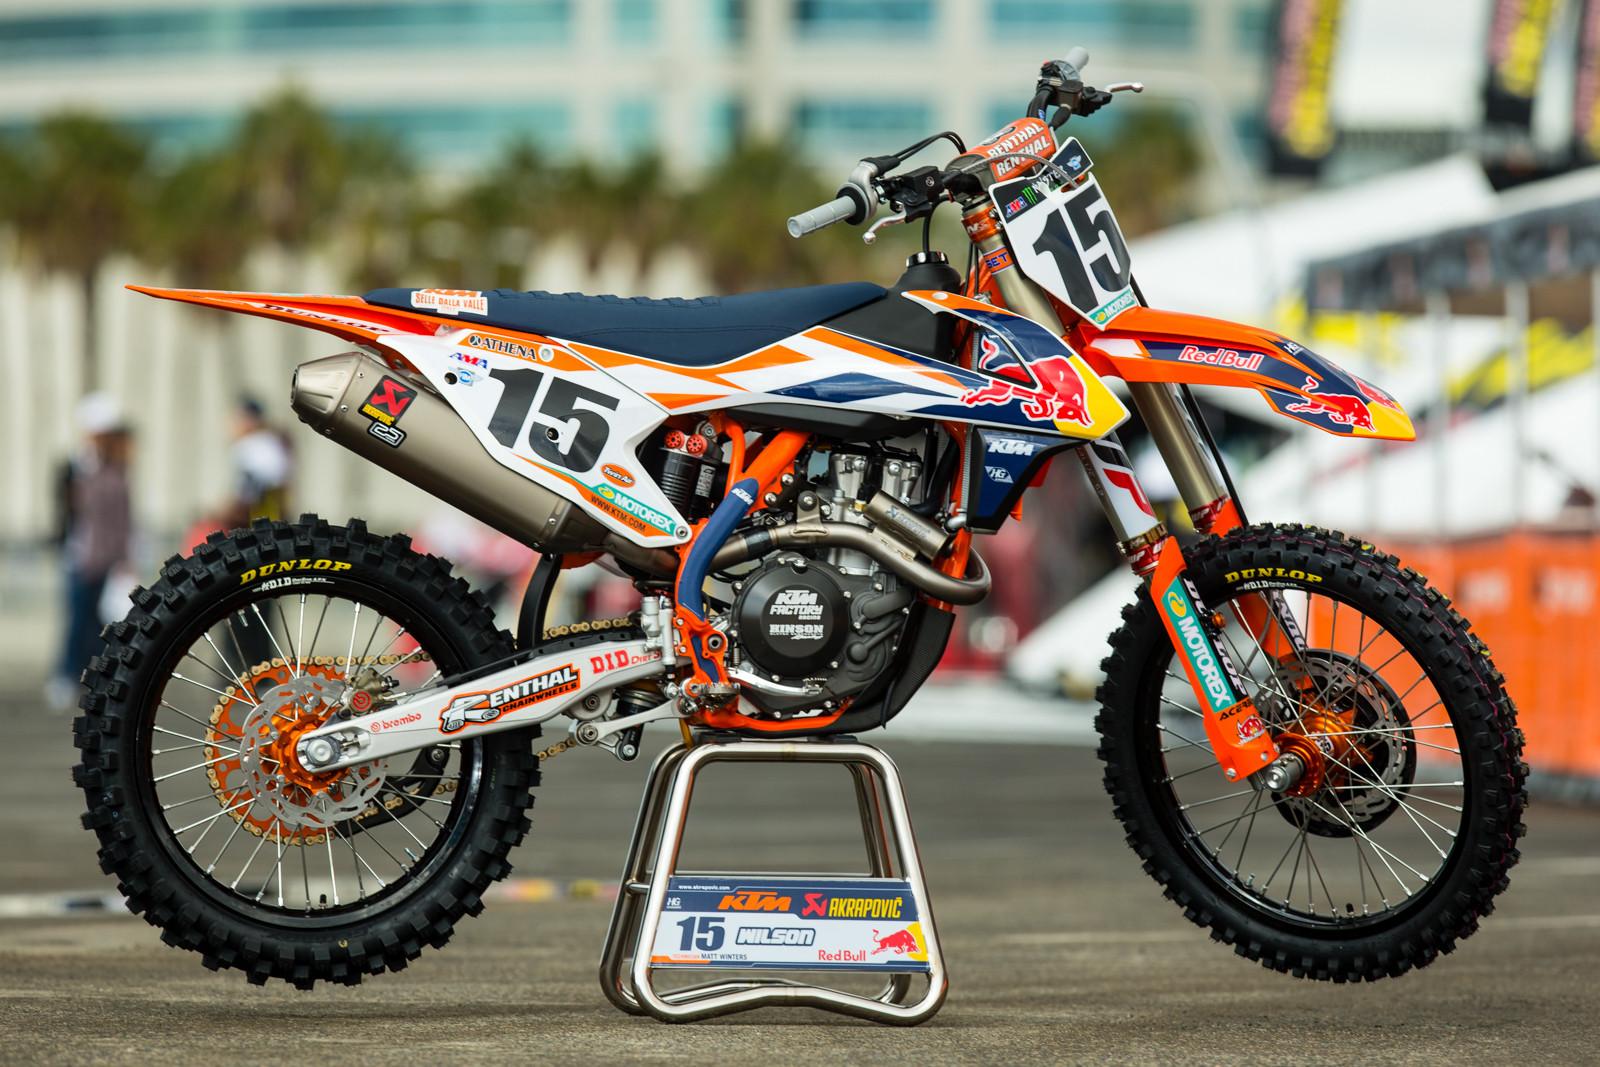 Dean Wilson - 2016 Bikes of Supercross - Motocross Pictures - Vital MX